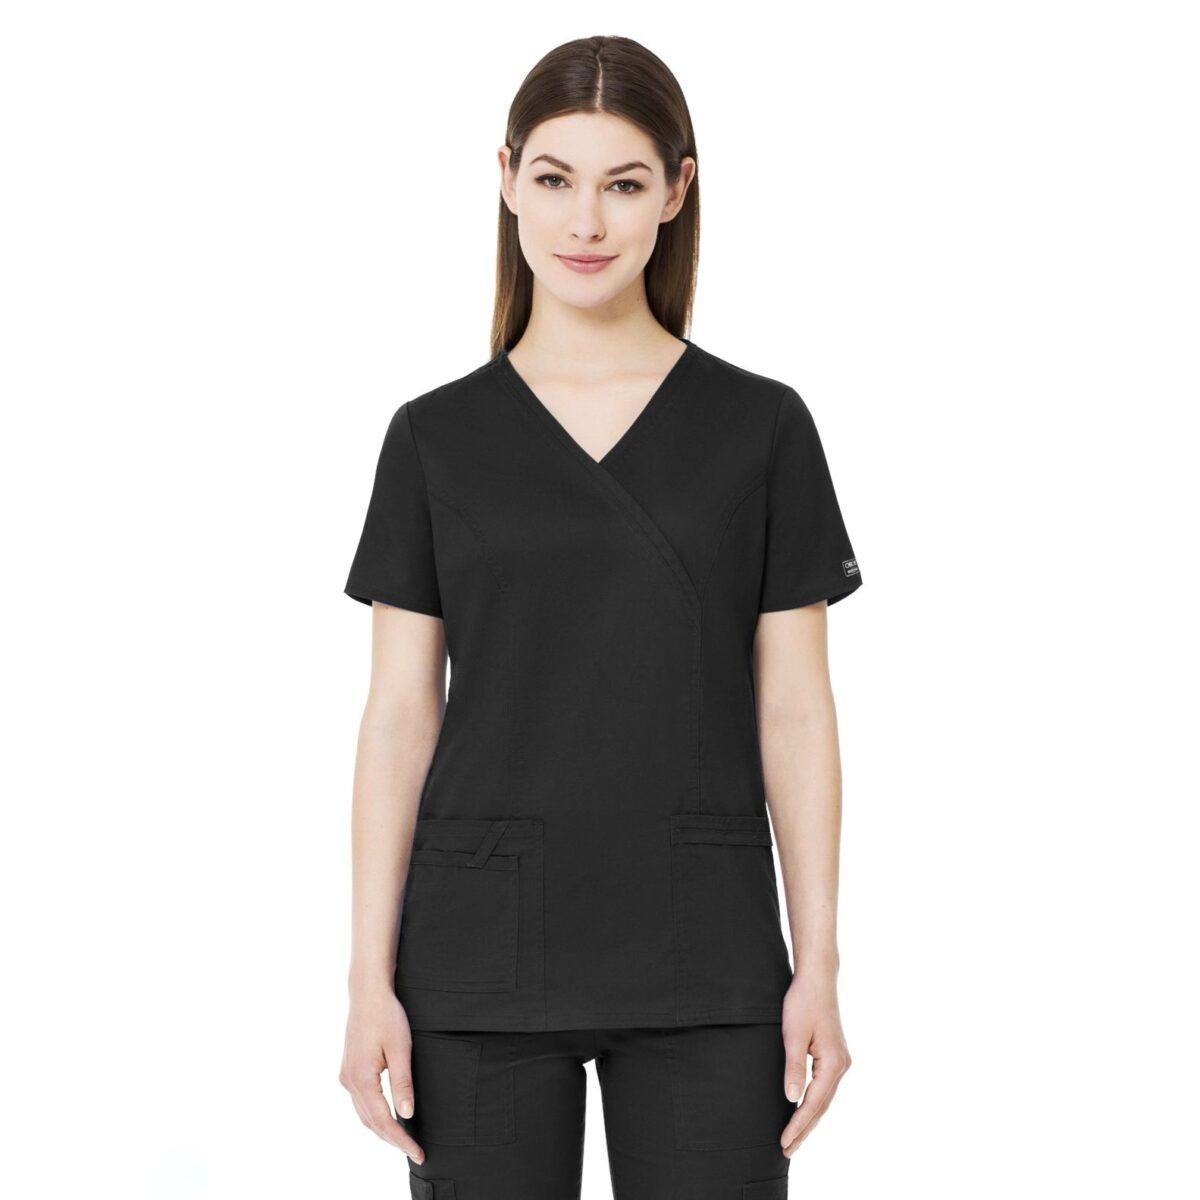 Приталенный женский медицинский костюм Core Stretch из твила цвет - черный